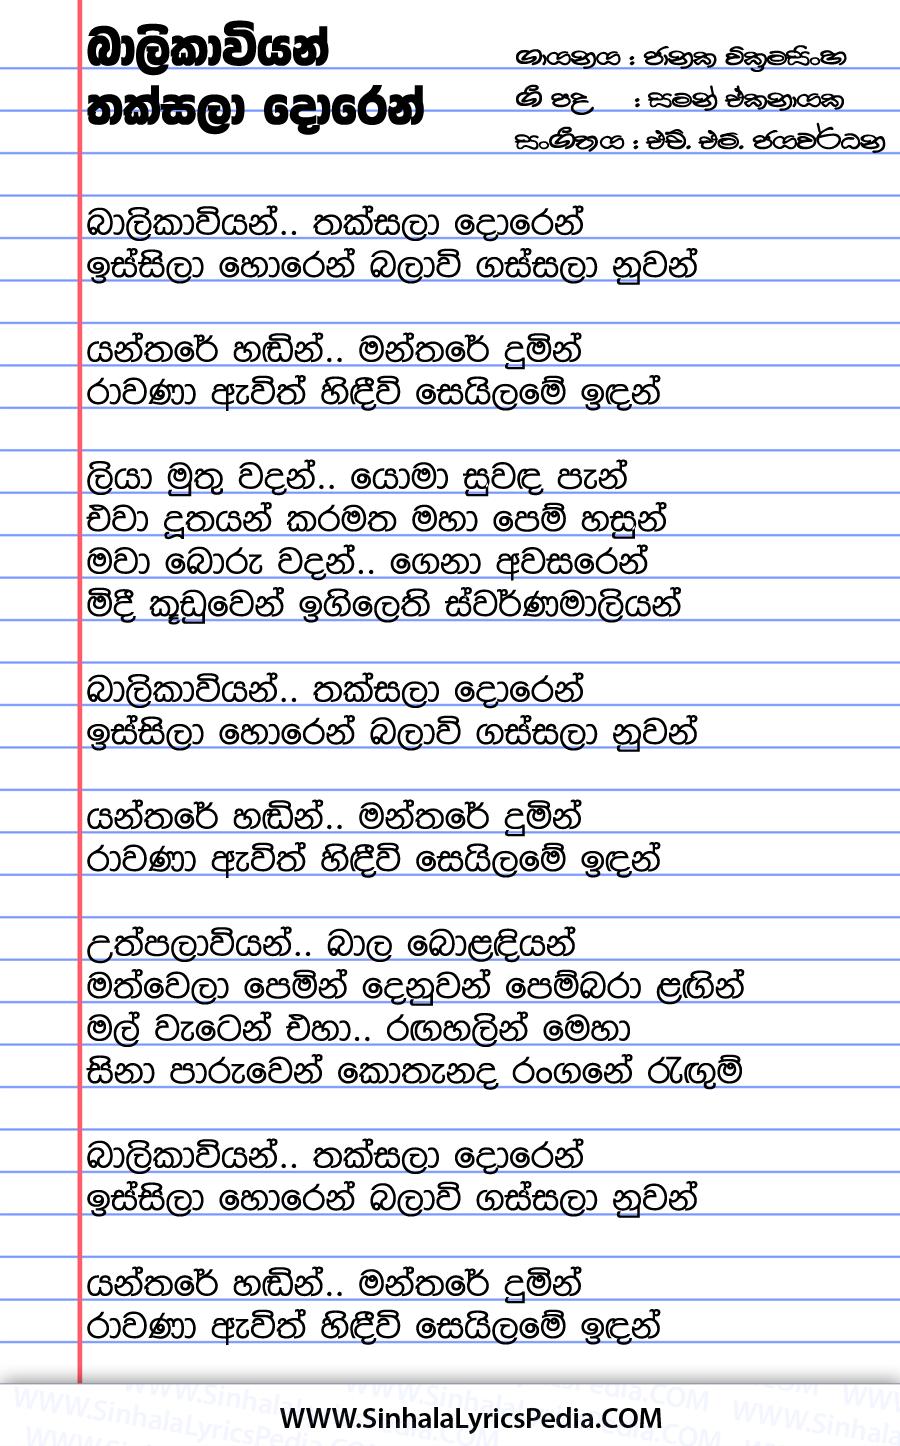 Balikaviyan Thaksala Doren Song Lyrics